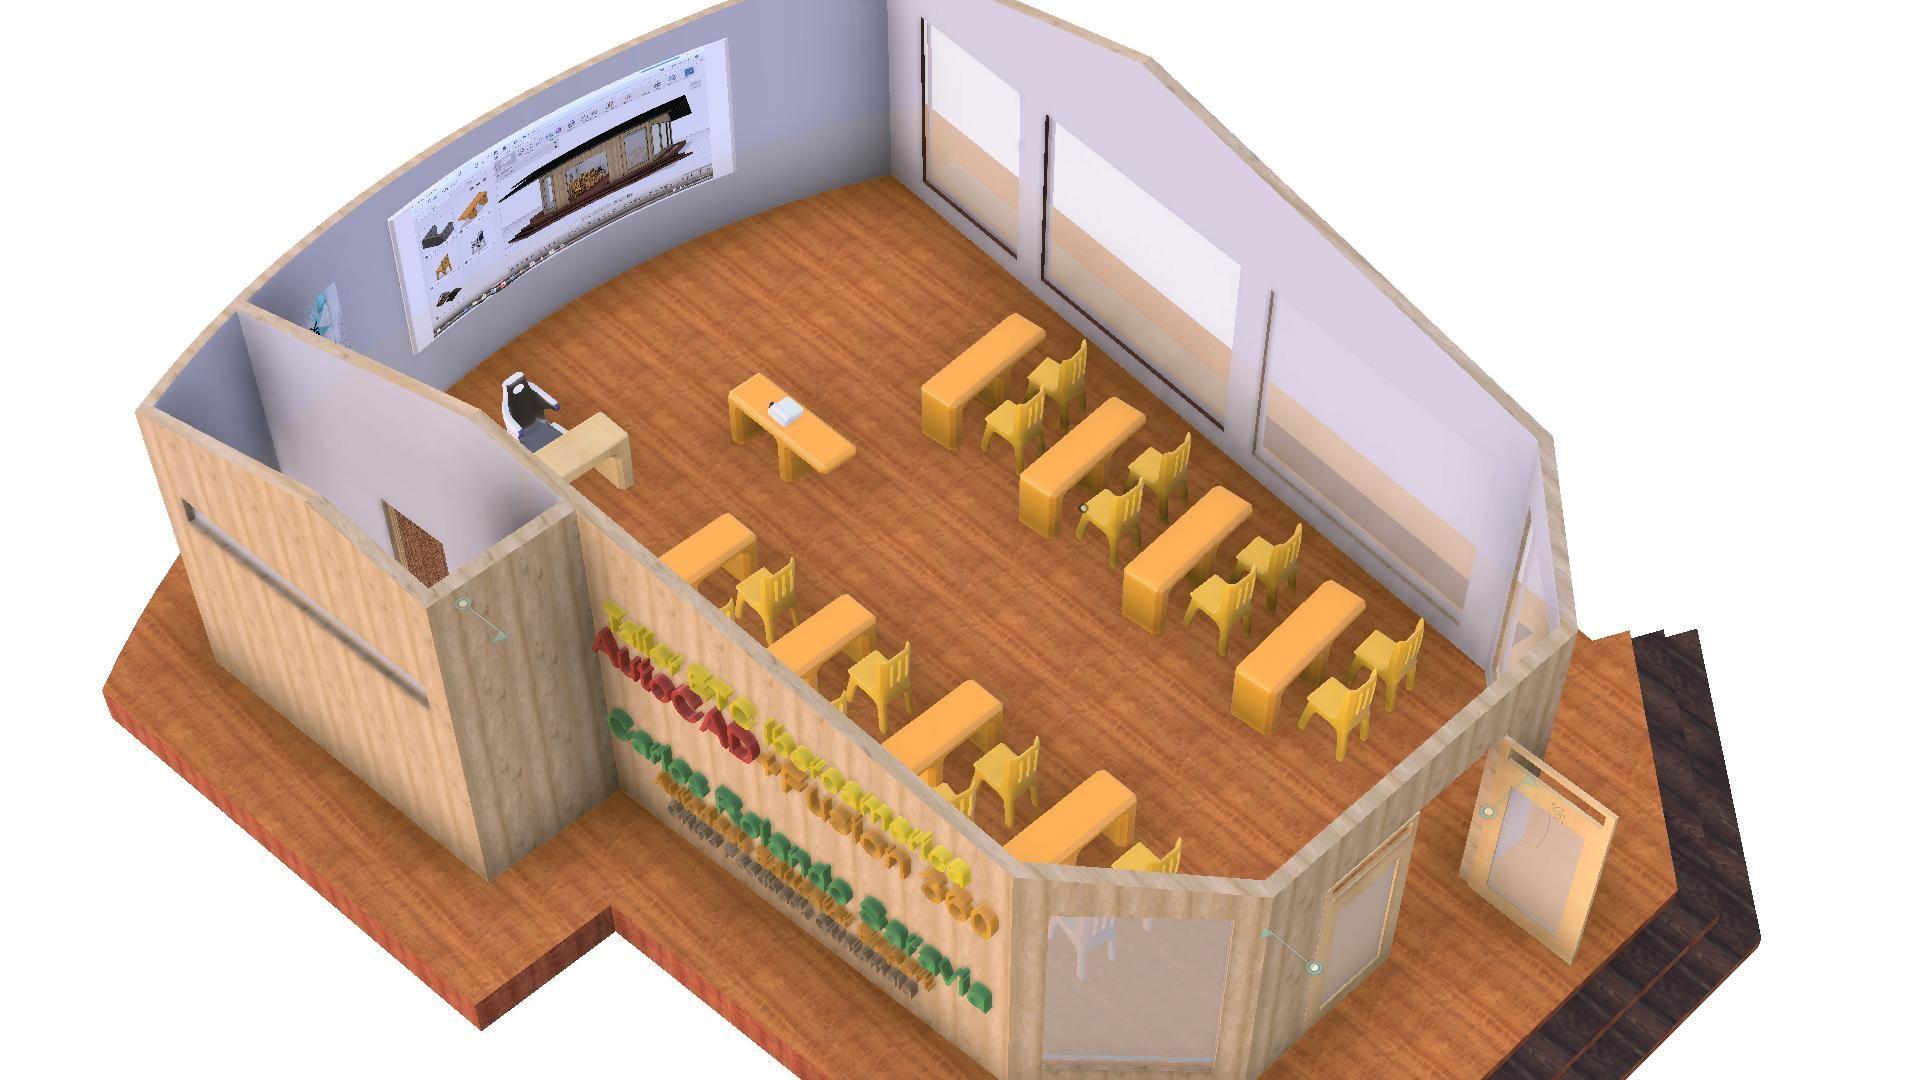 Vista-aerea---taller-fusion-360-1-3500-3500